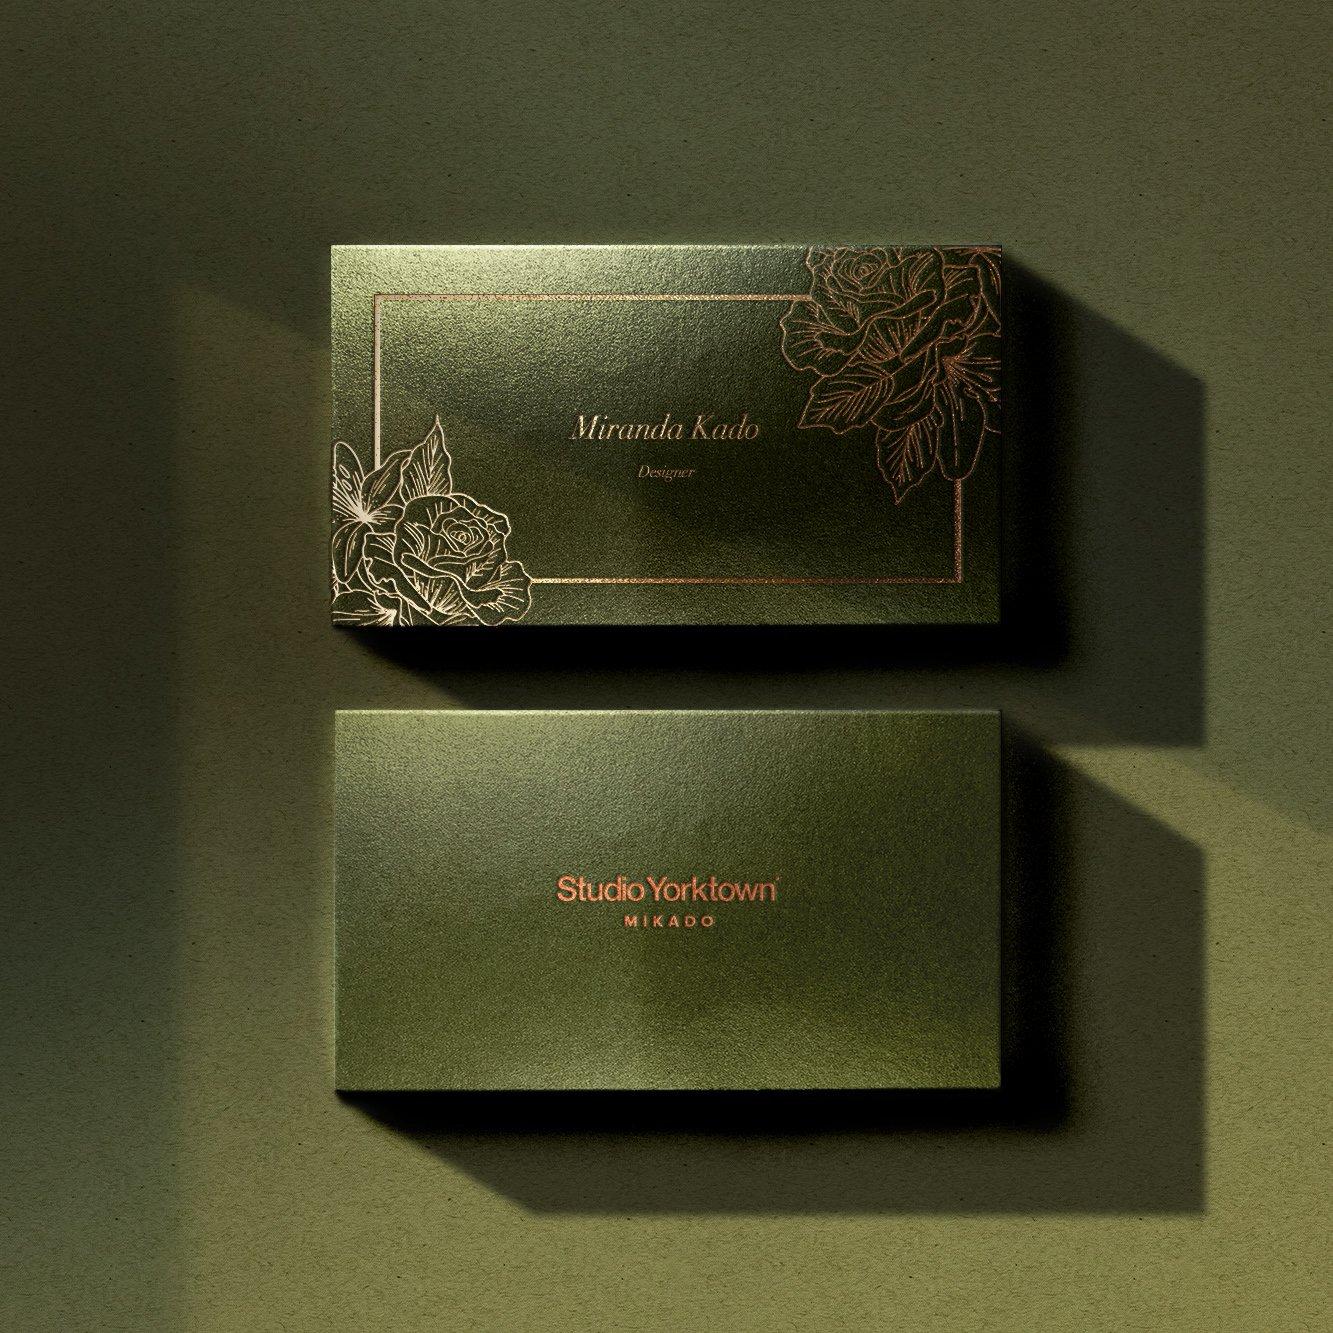 [淘宝购买] 潮流炫彩压印效果商务名片卡片设计贴图样机模板 Studio Yorktown – Mikado Business Card Mockup Template插图12